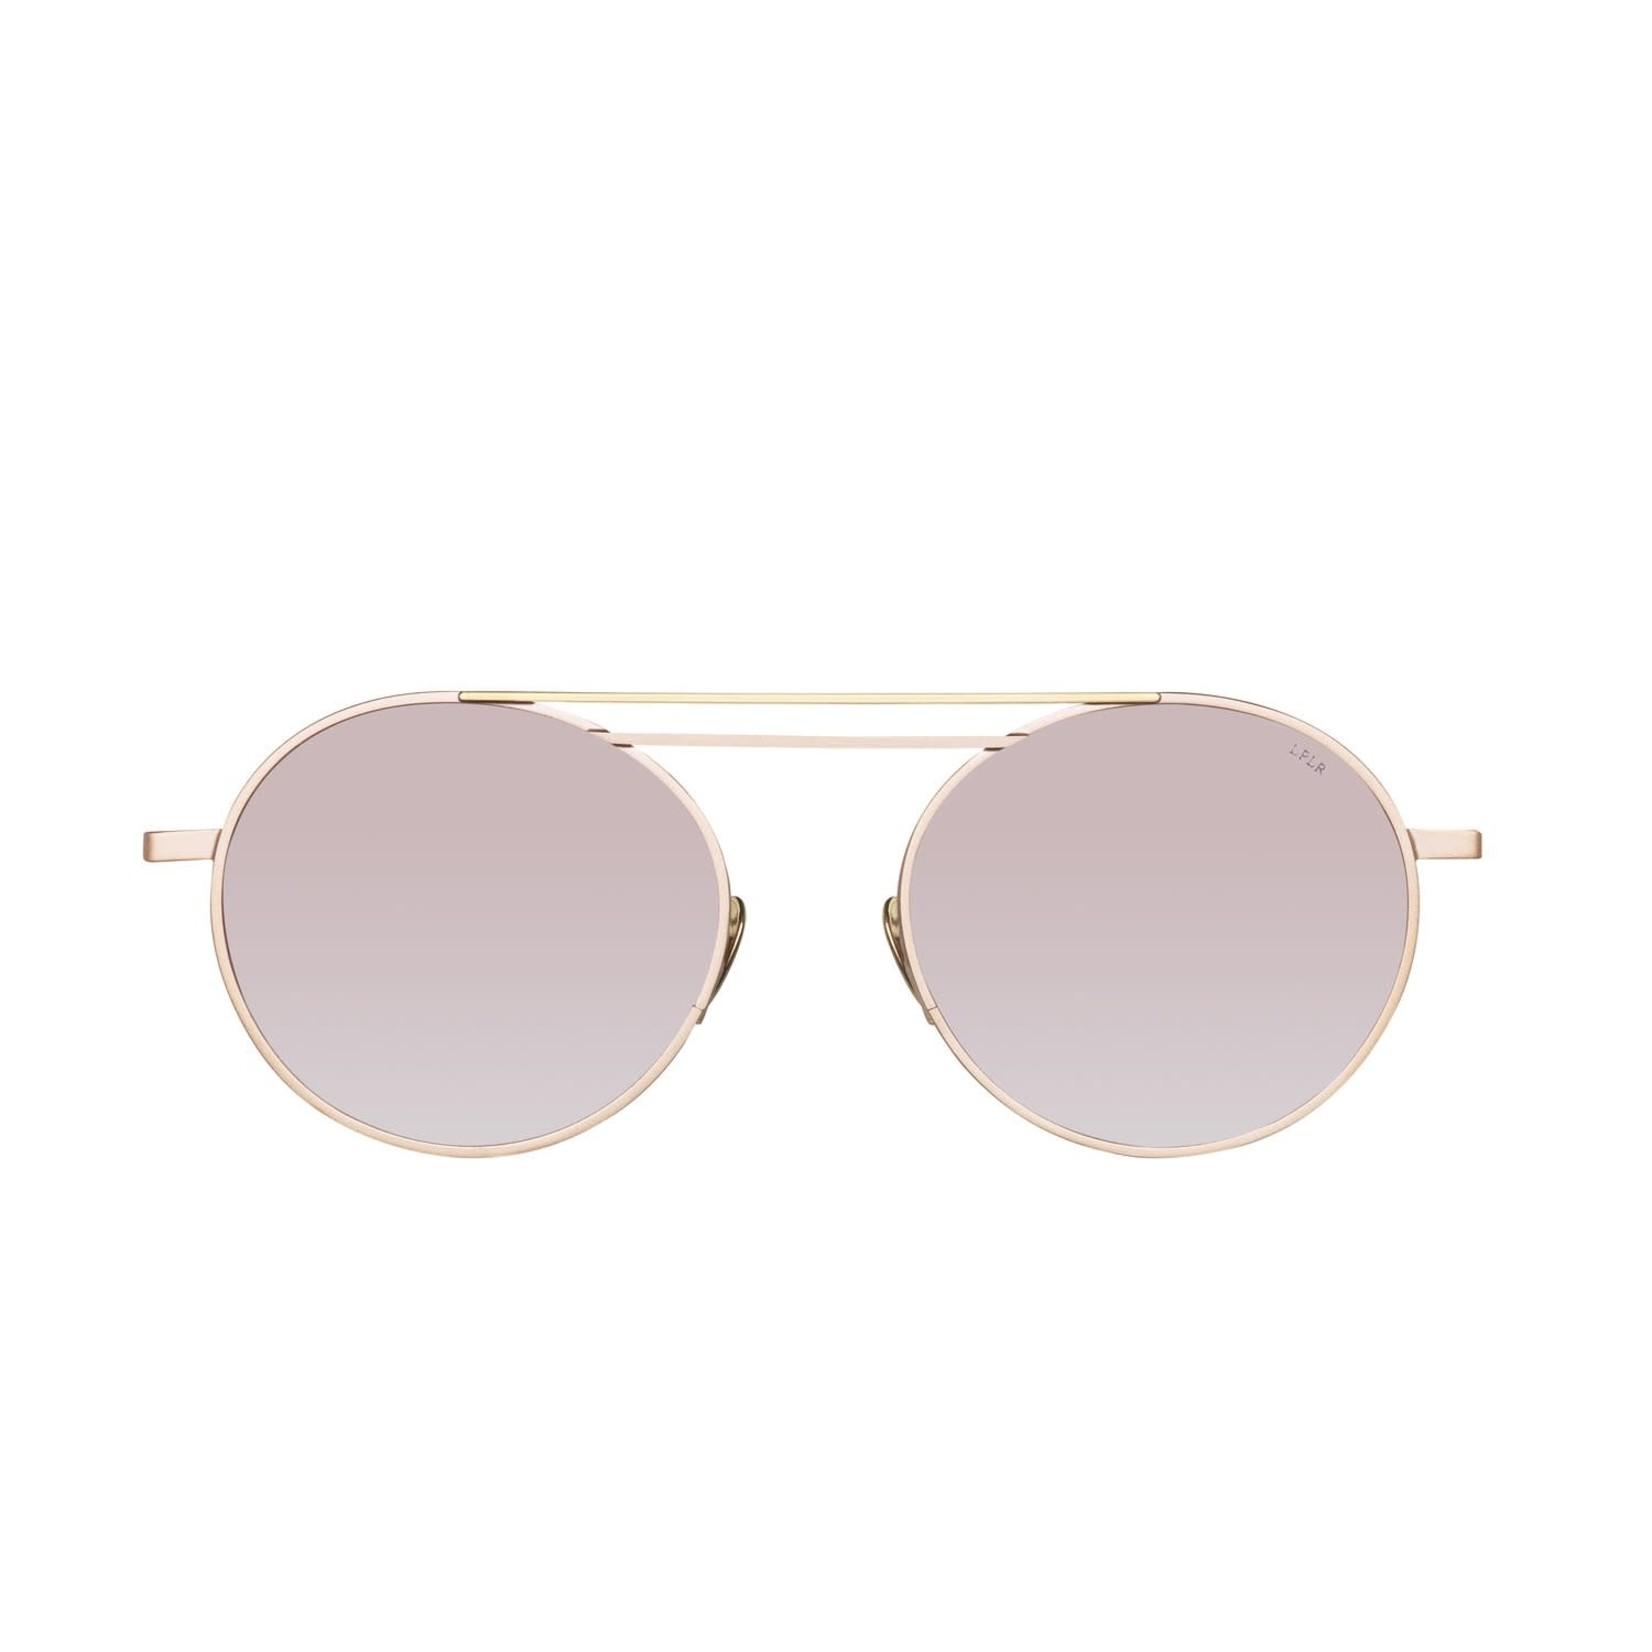 La Petite Lunette Eyewear LPLR Kayemi Sun